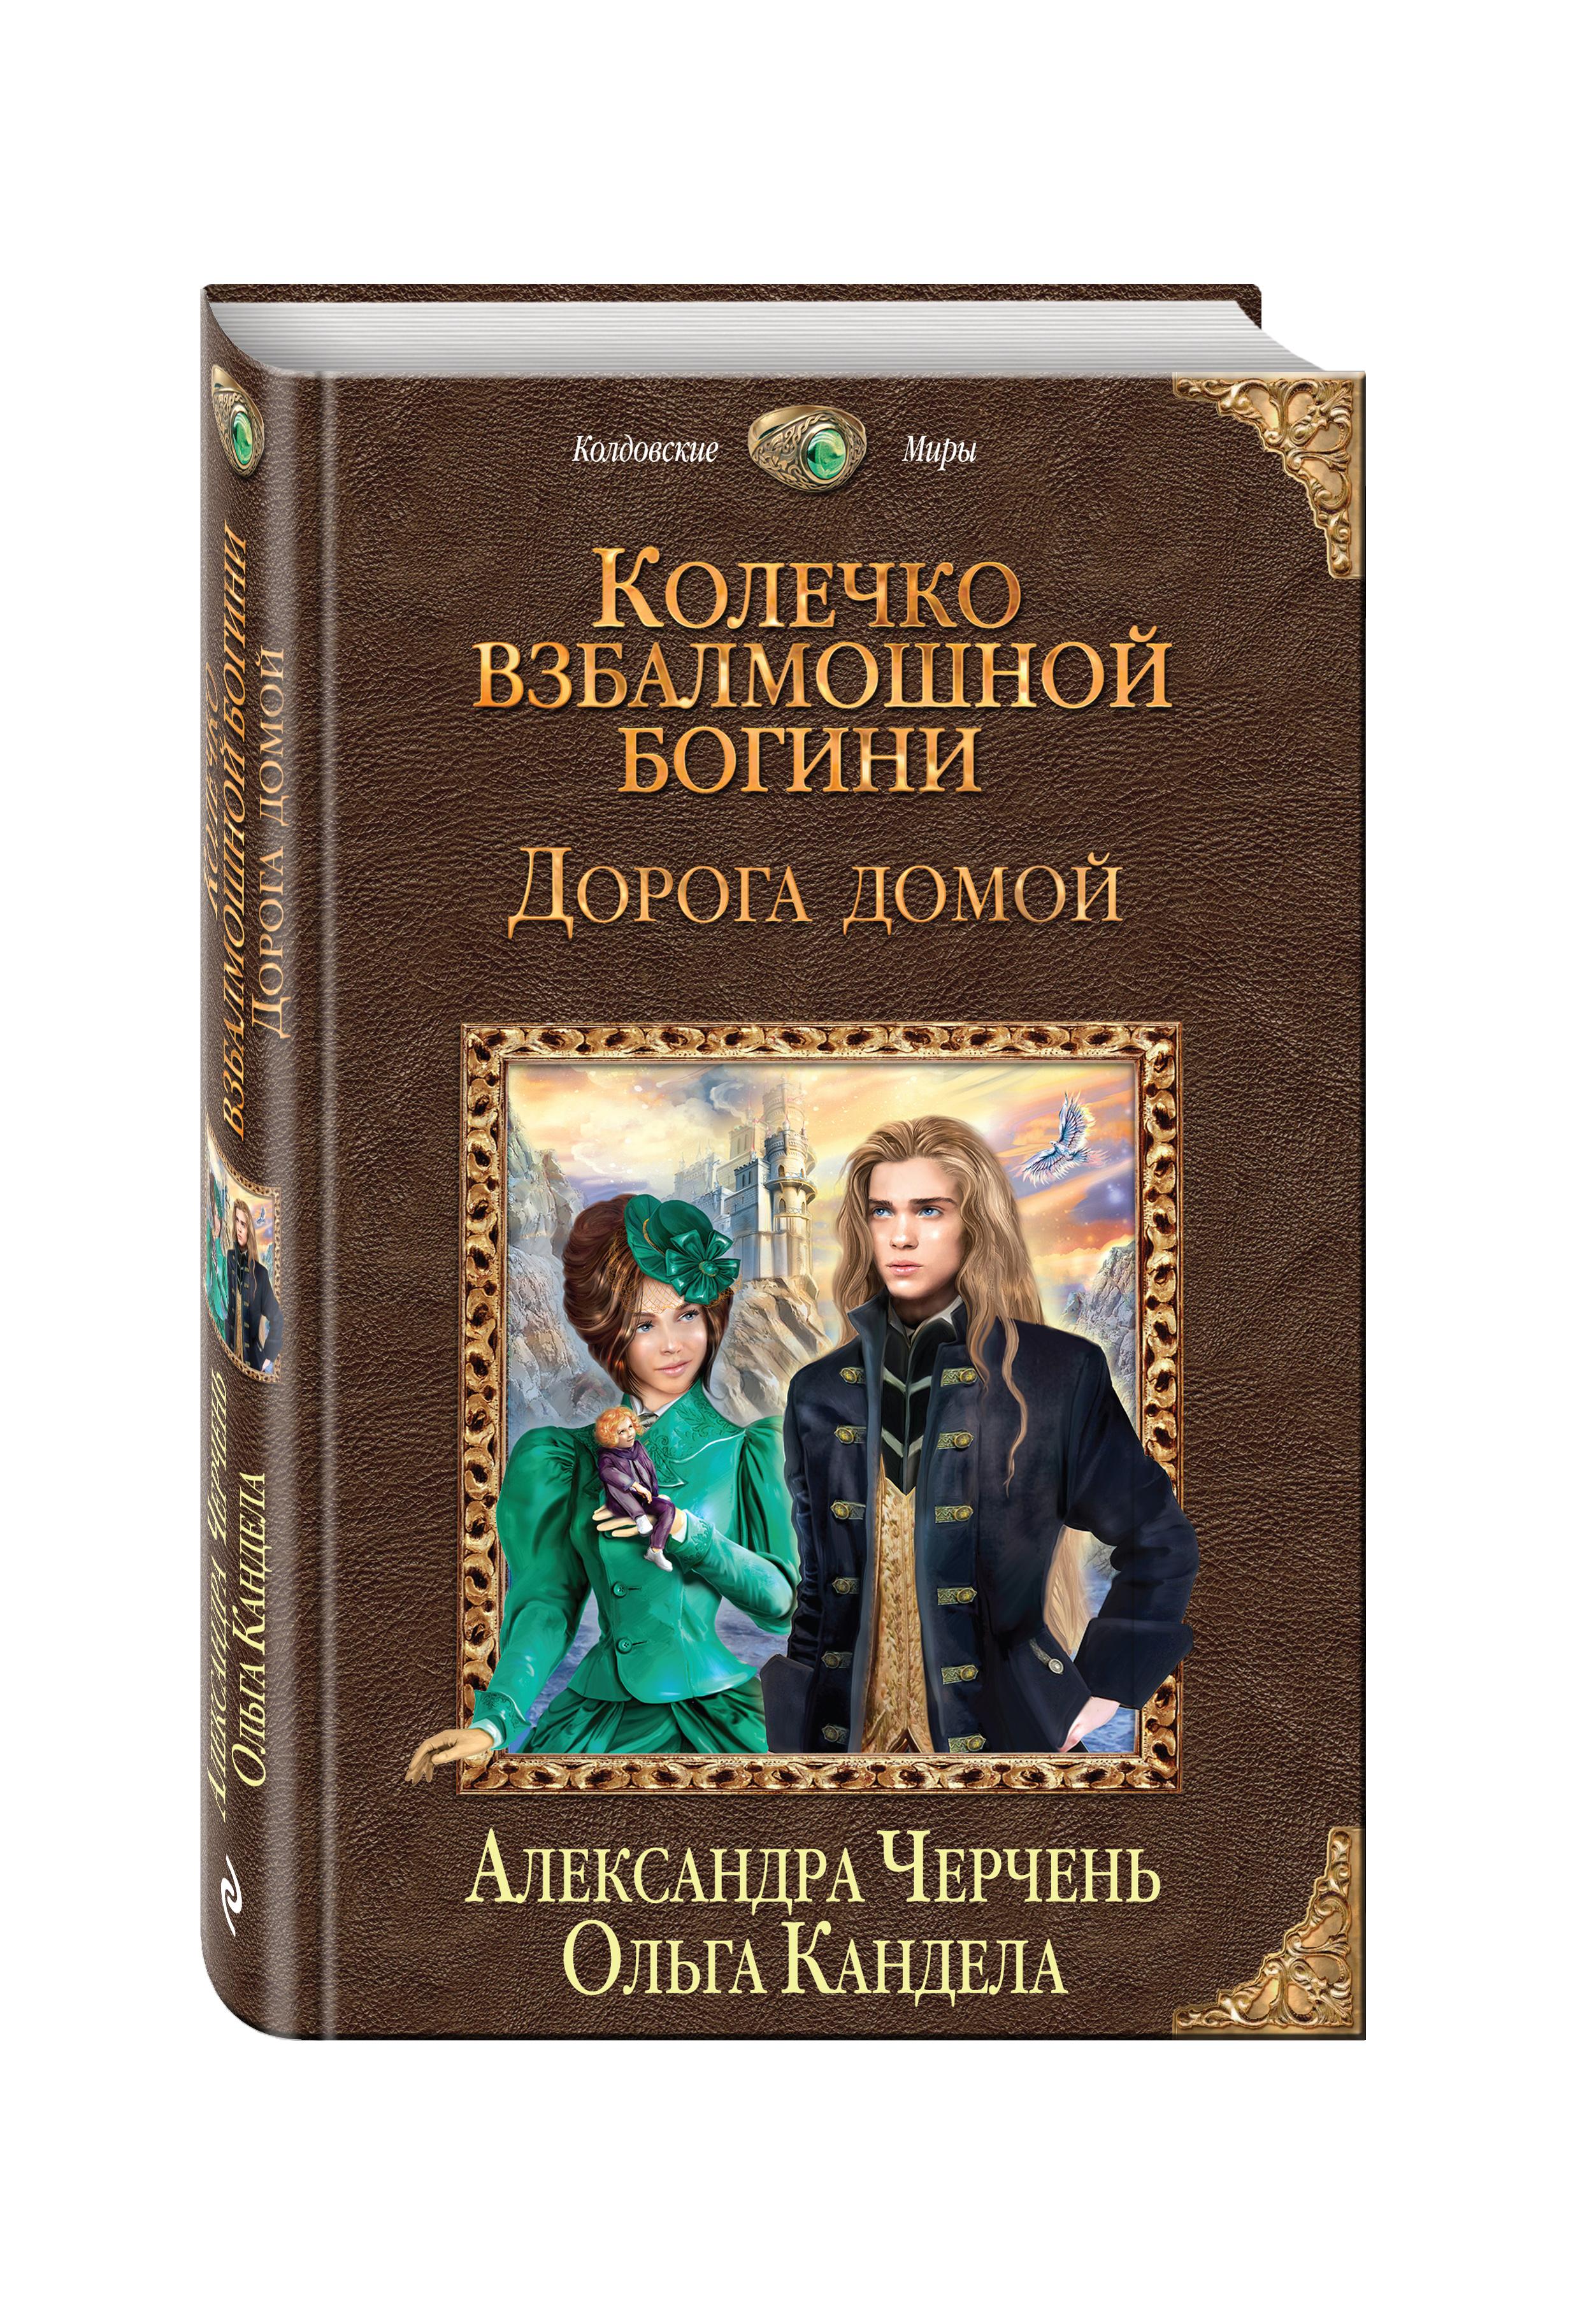 Александра Черчень, Ольга Кандела Колечко взбалмошной богини. Дорога домой